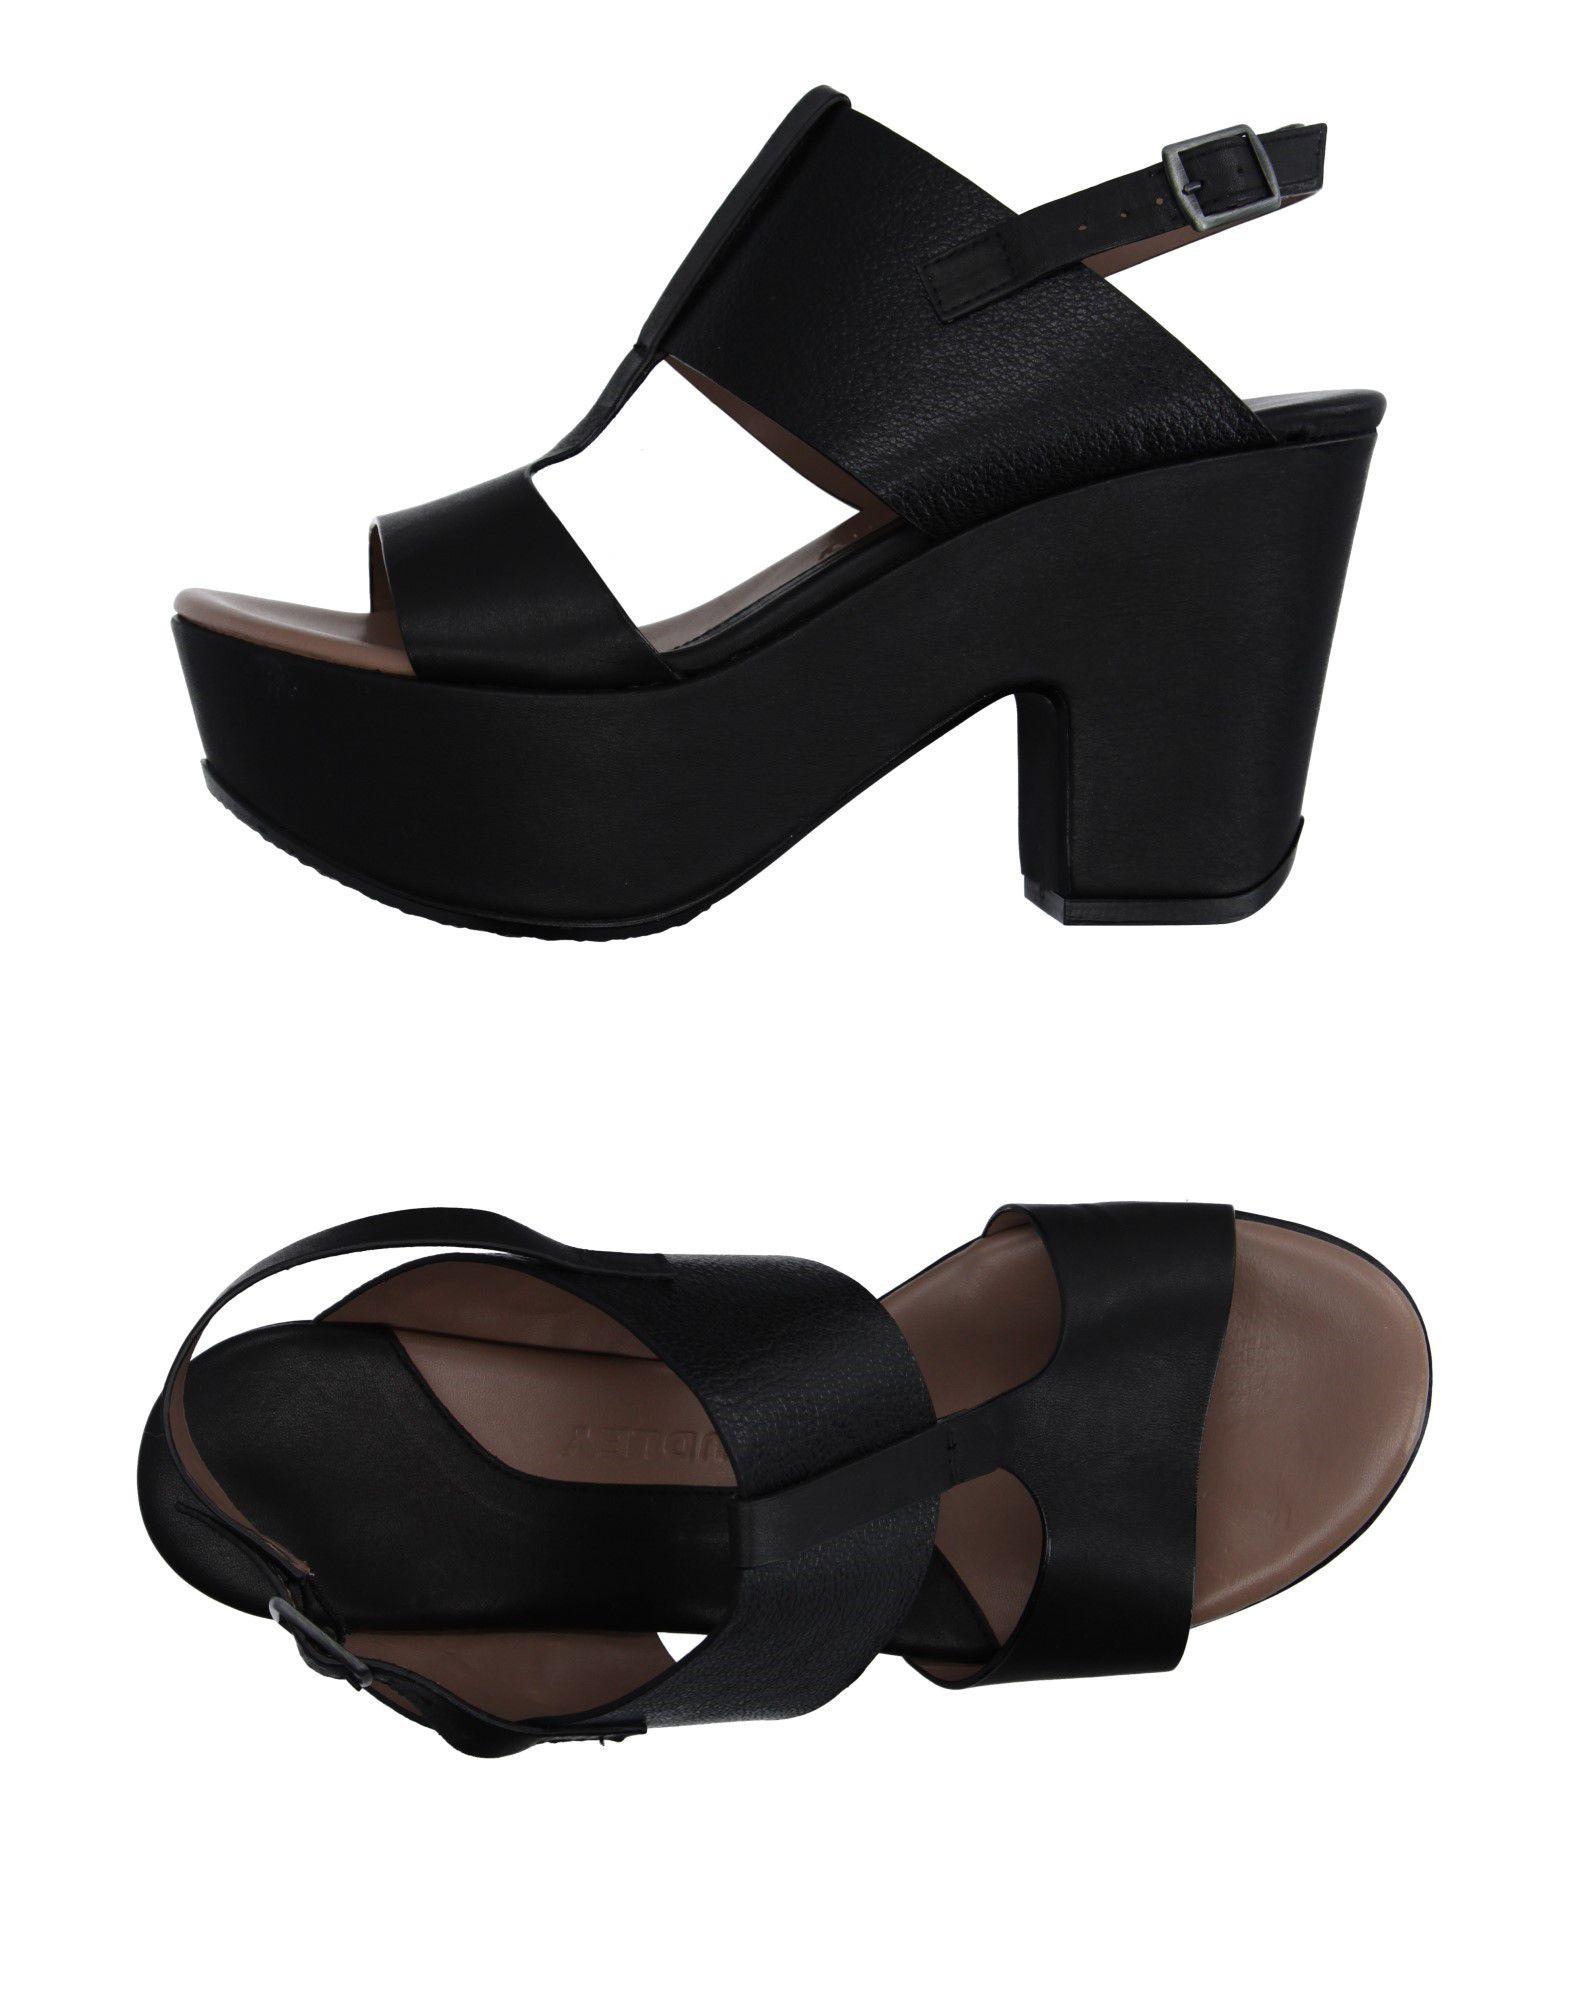 Haltbare Mode billige Schuhe Audley Sandalen Damen  11105594BW Heiße Schuhe